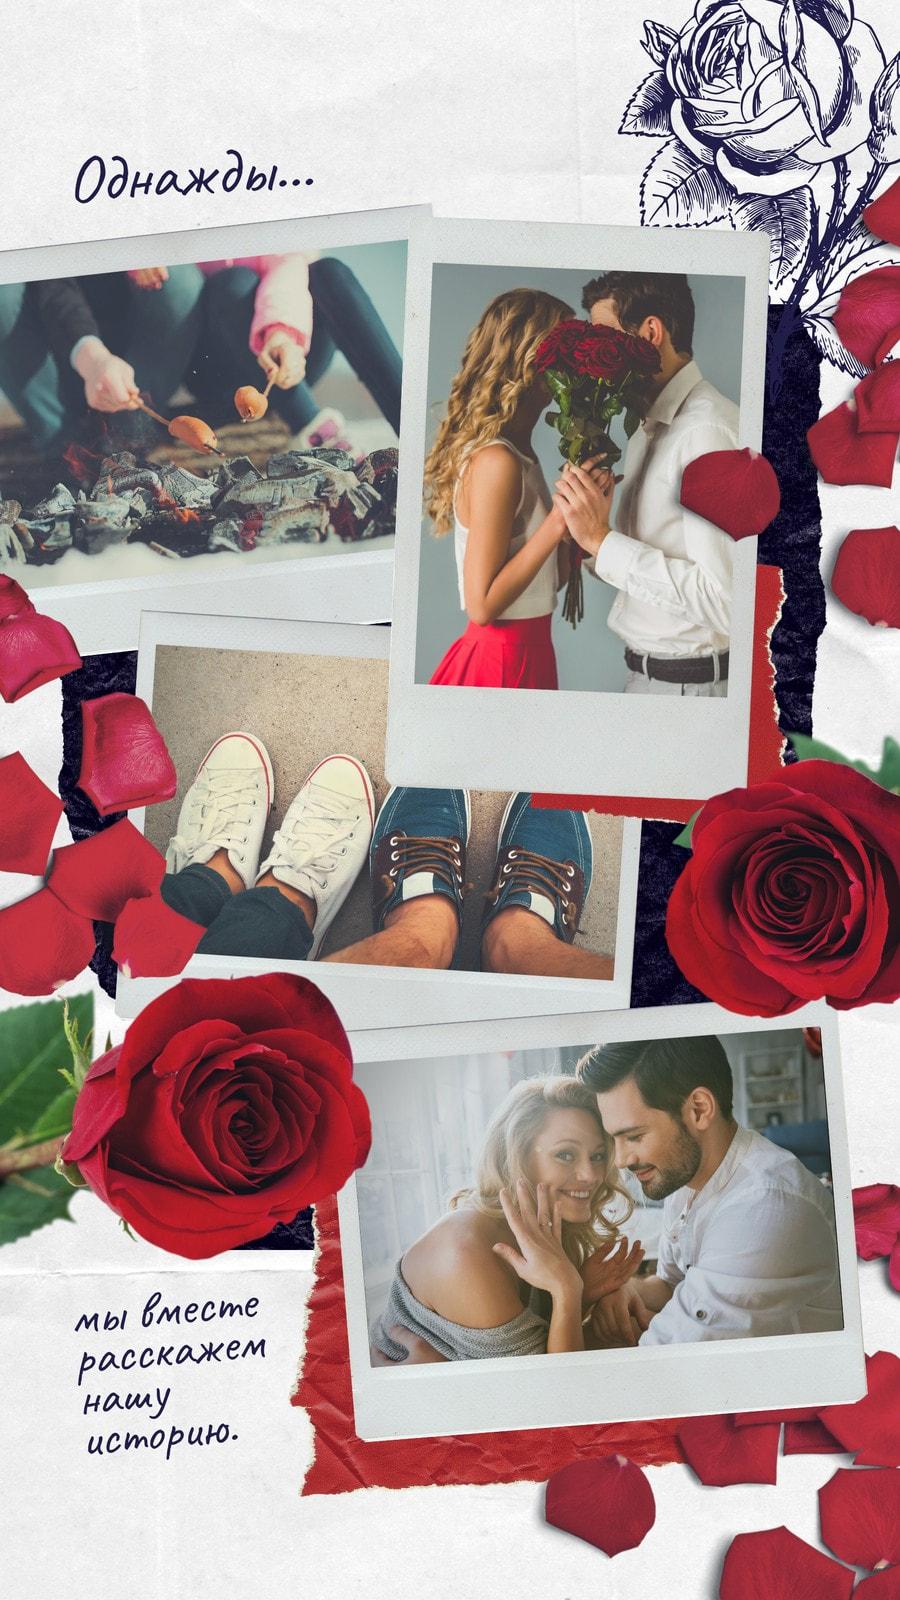 История в Инстаграм с коллажом из фото влюбленных и красными розами